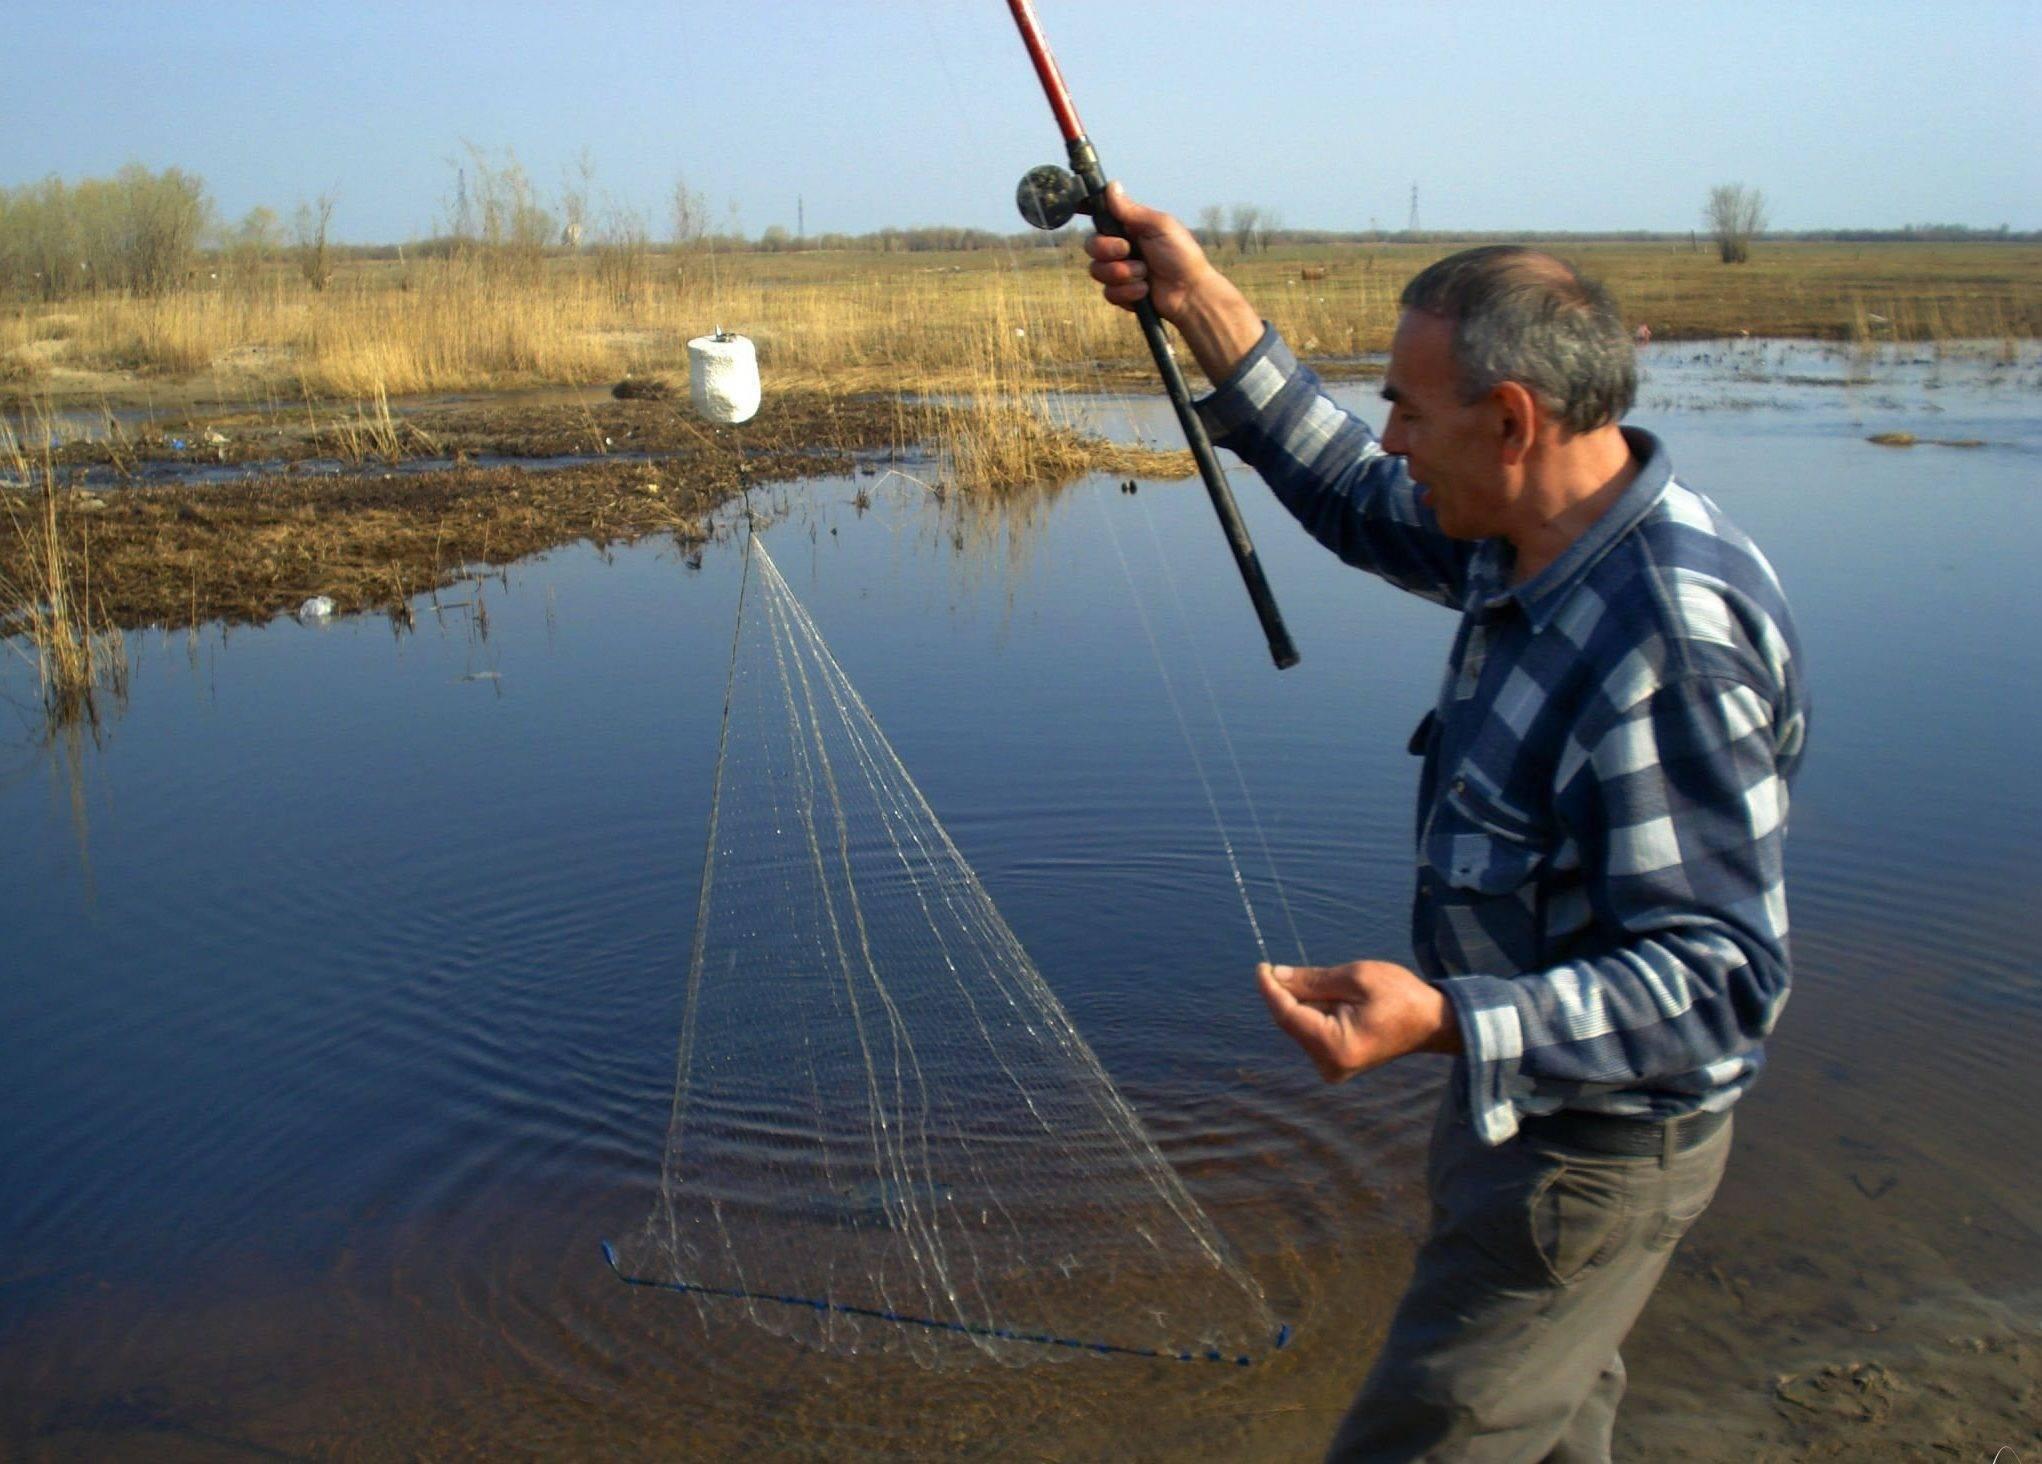 Рыбалка без удочки – как поймать рыбу не имея лески, крючка и снастей